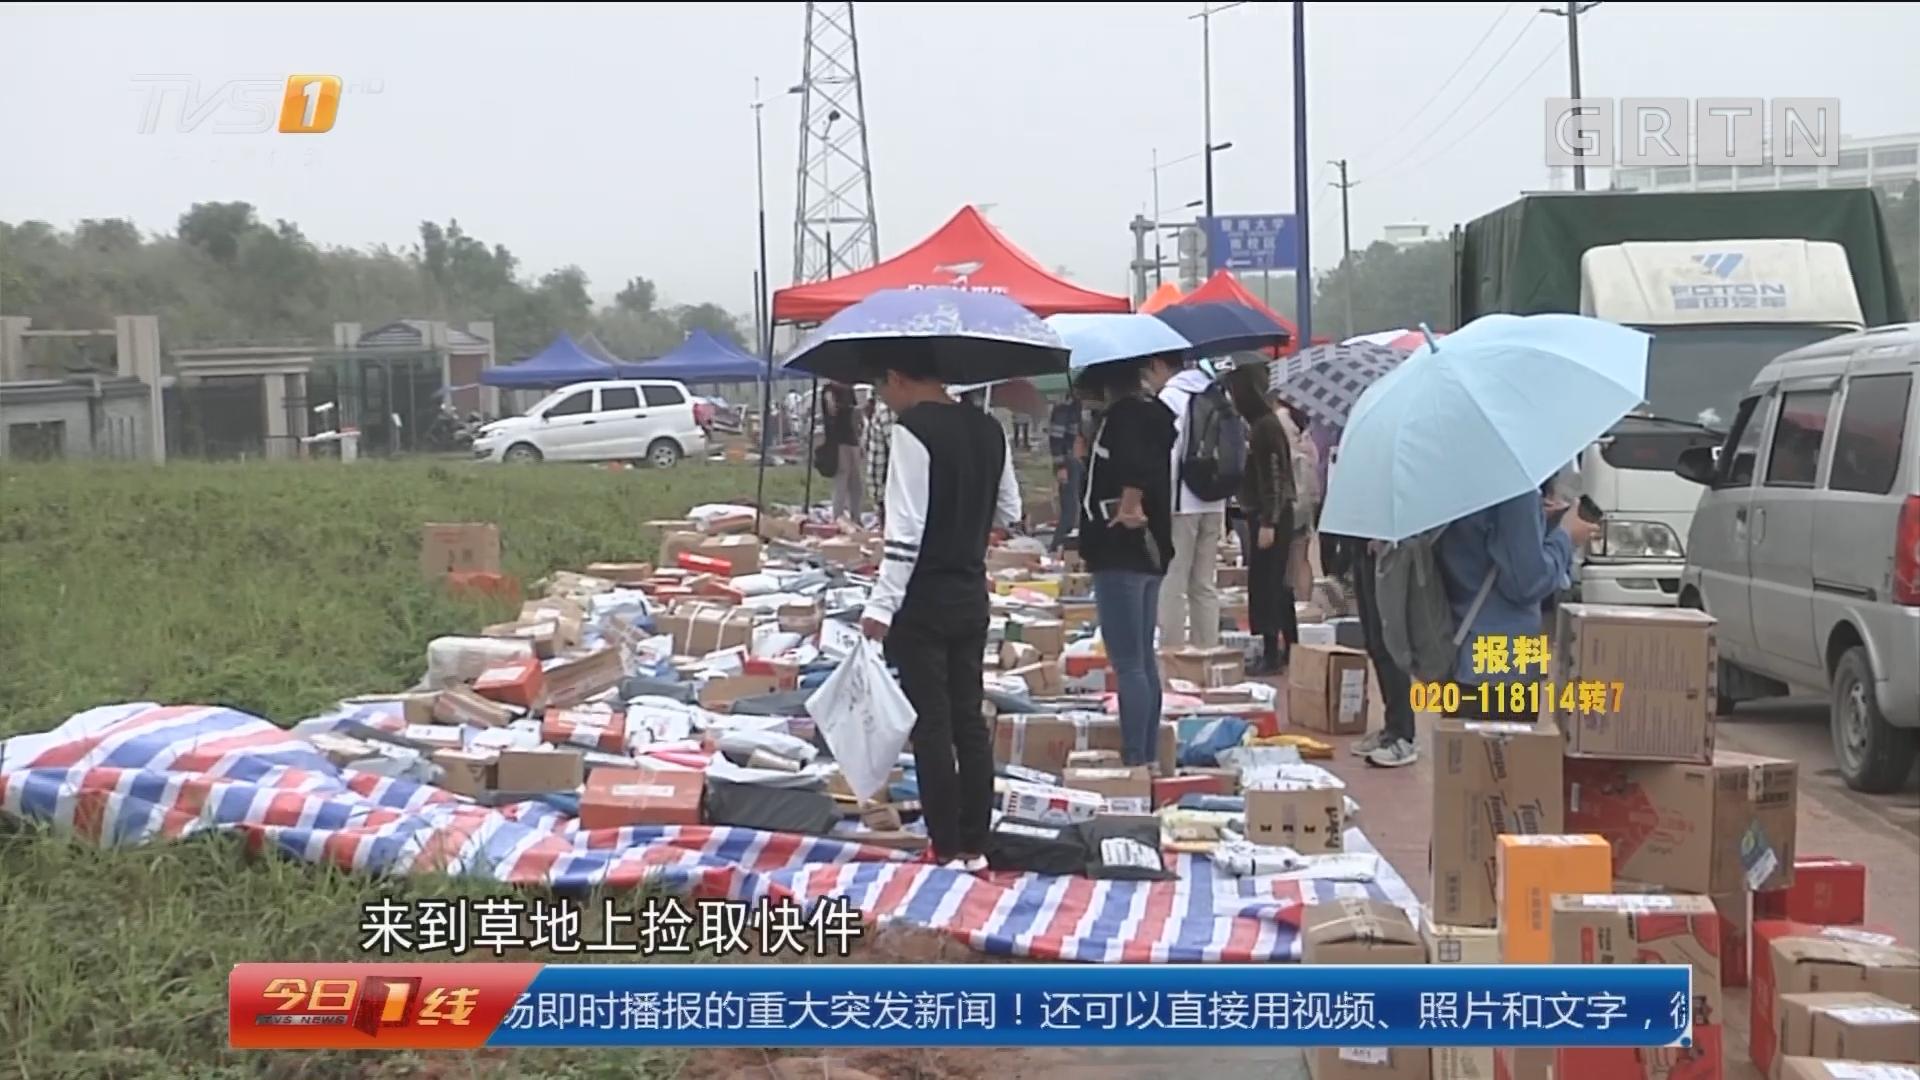 暨南大学番禺校区:学生淤泥中取快件 校方回应